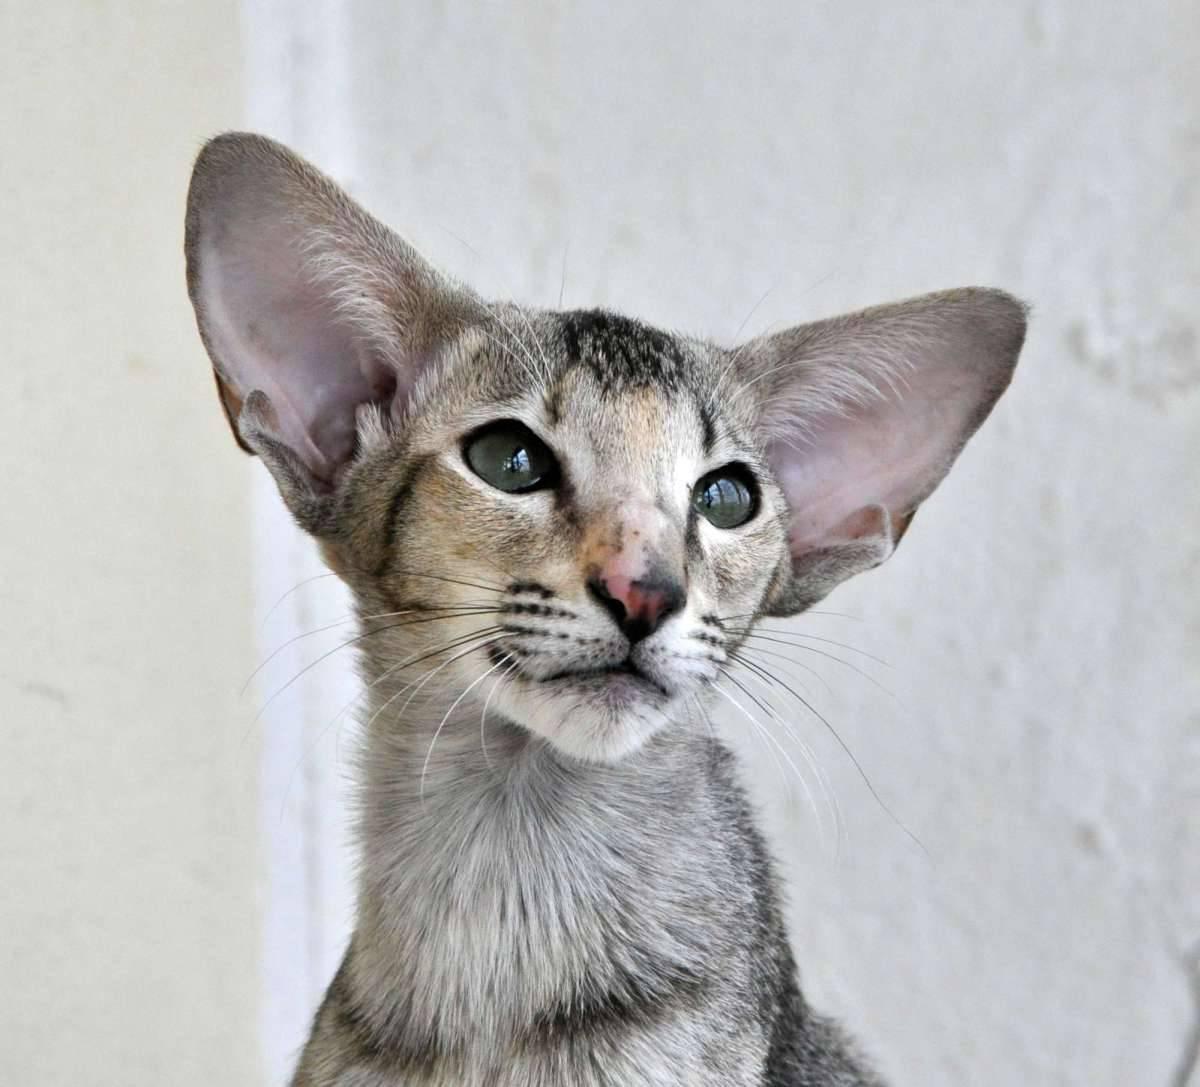 Породы вислоухих кошек. особенности видов, окраса. отличия по шерсти, ушам. внешность, характер, заболевания. стоимость котенка.